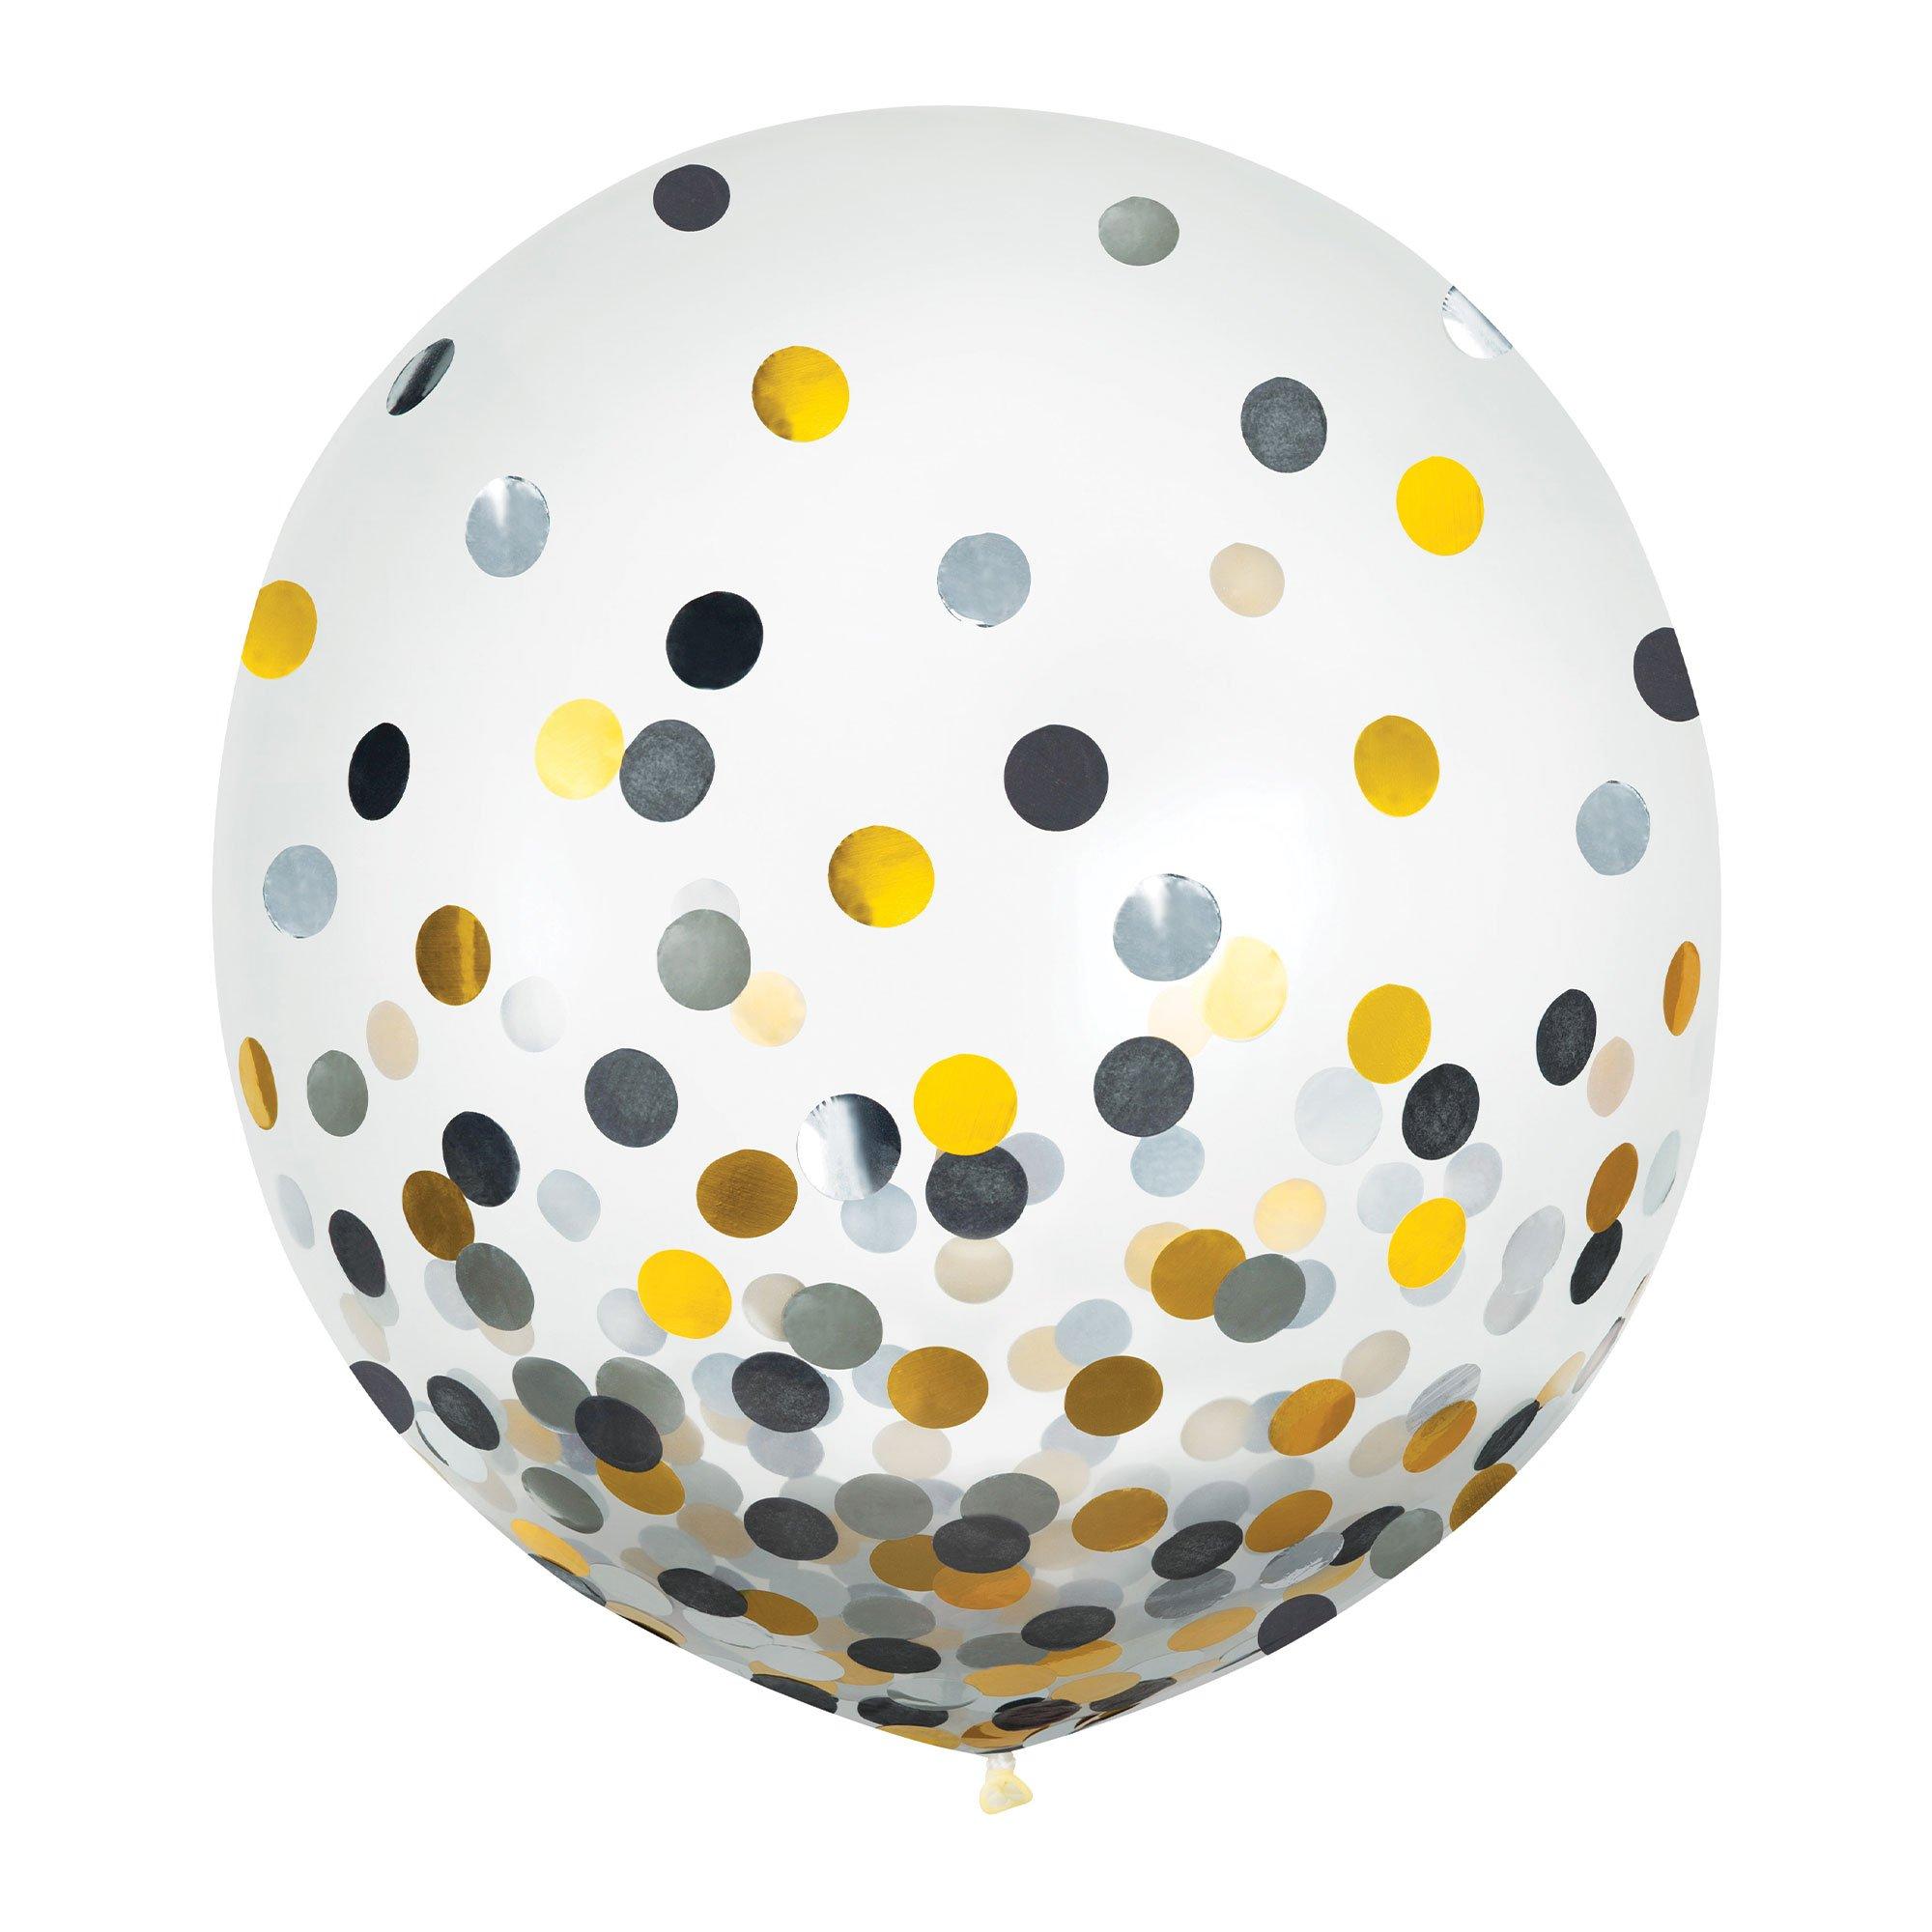 Latex Balloons 60cm & Confetti Black, Silver & Gold